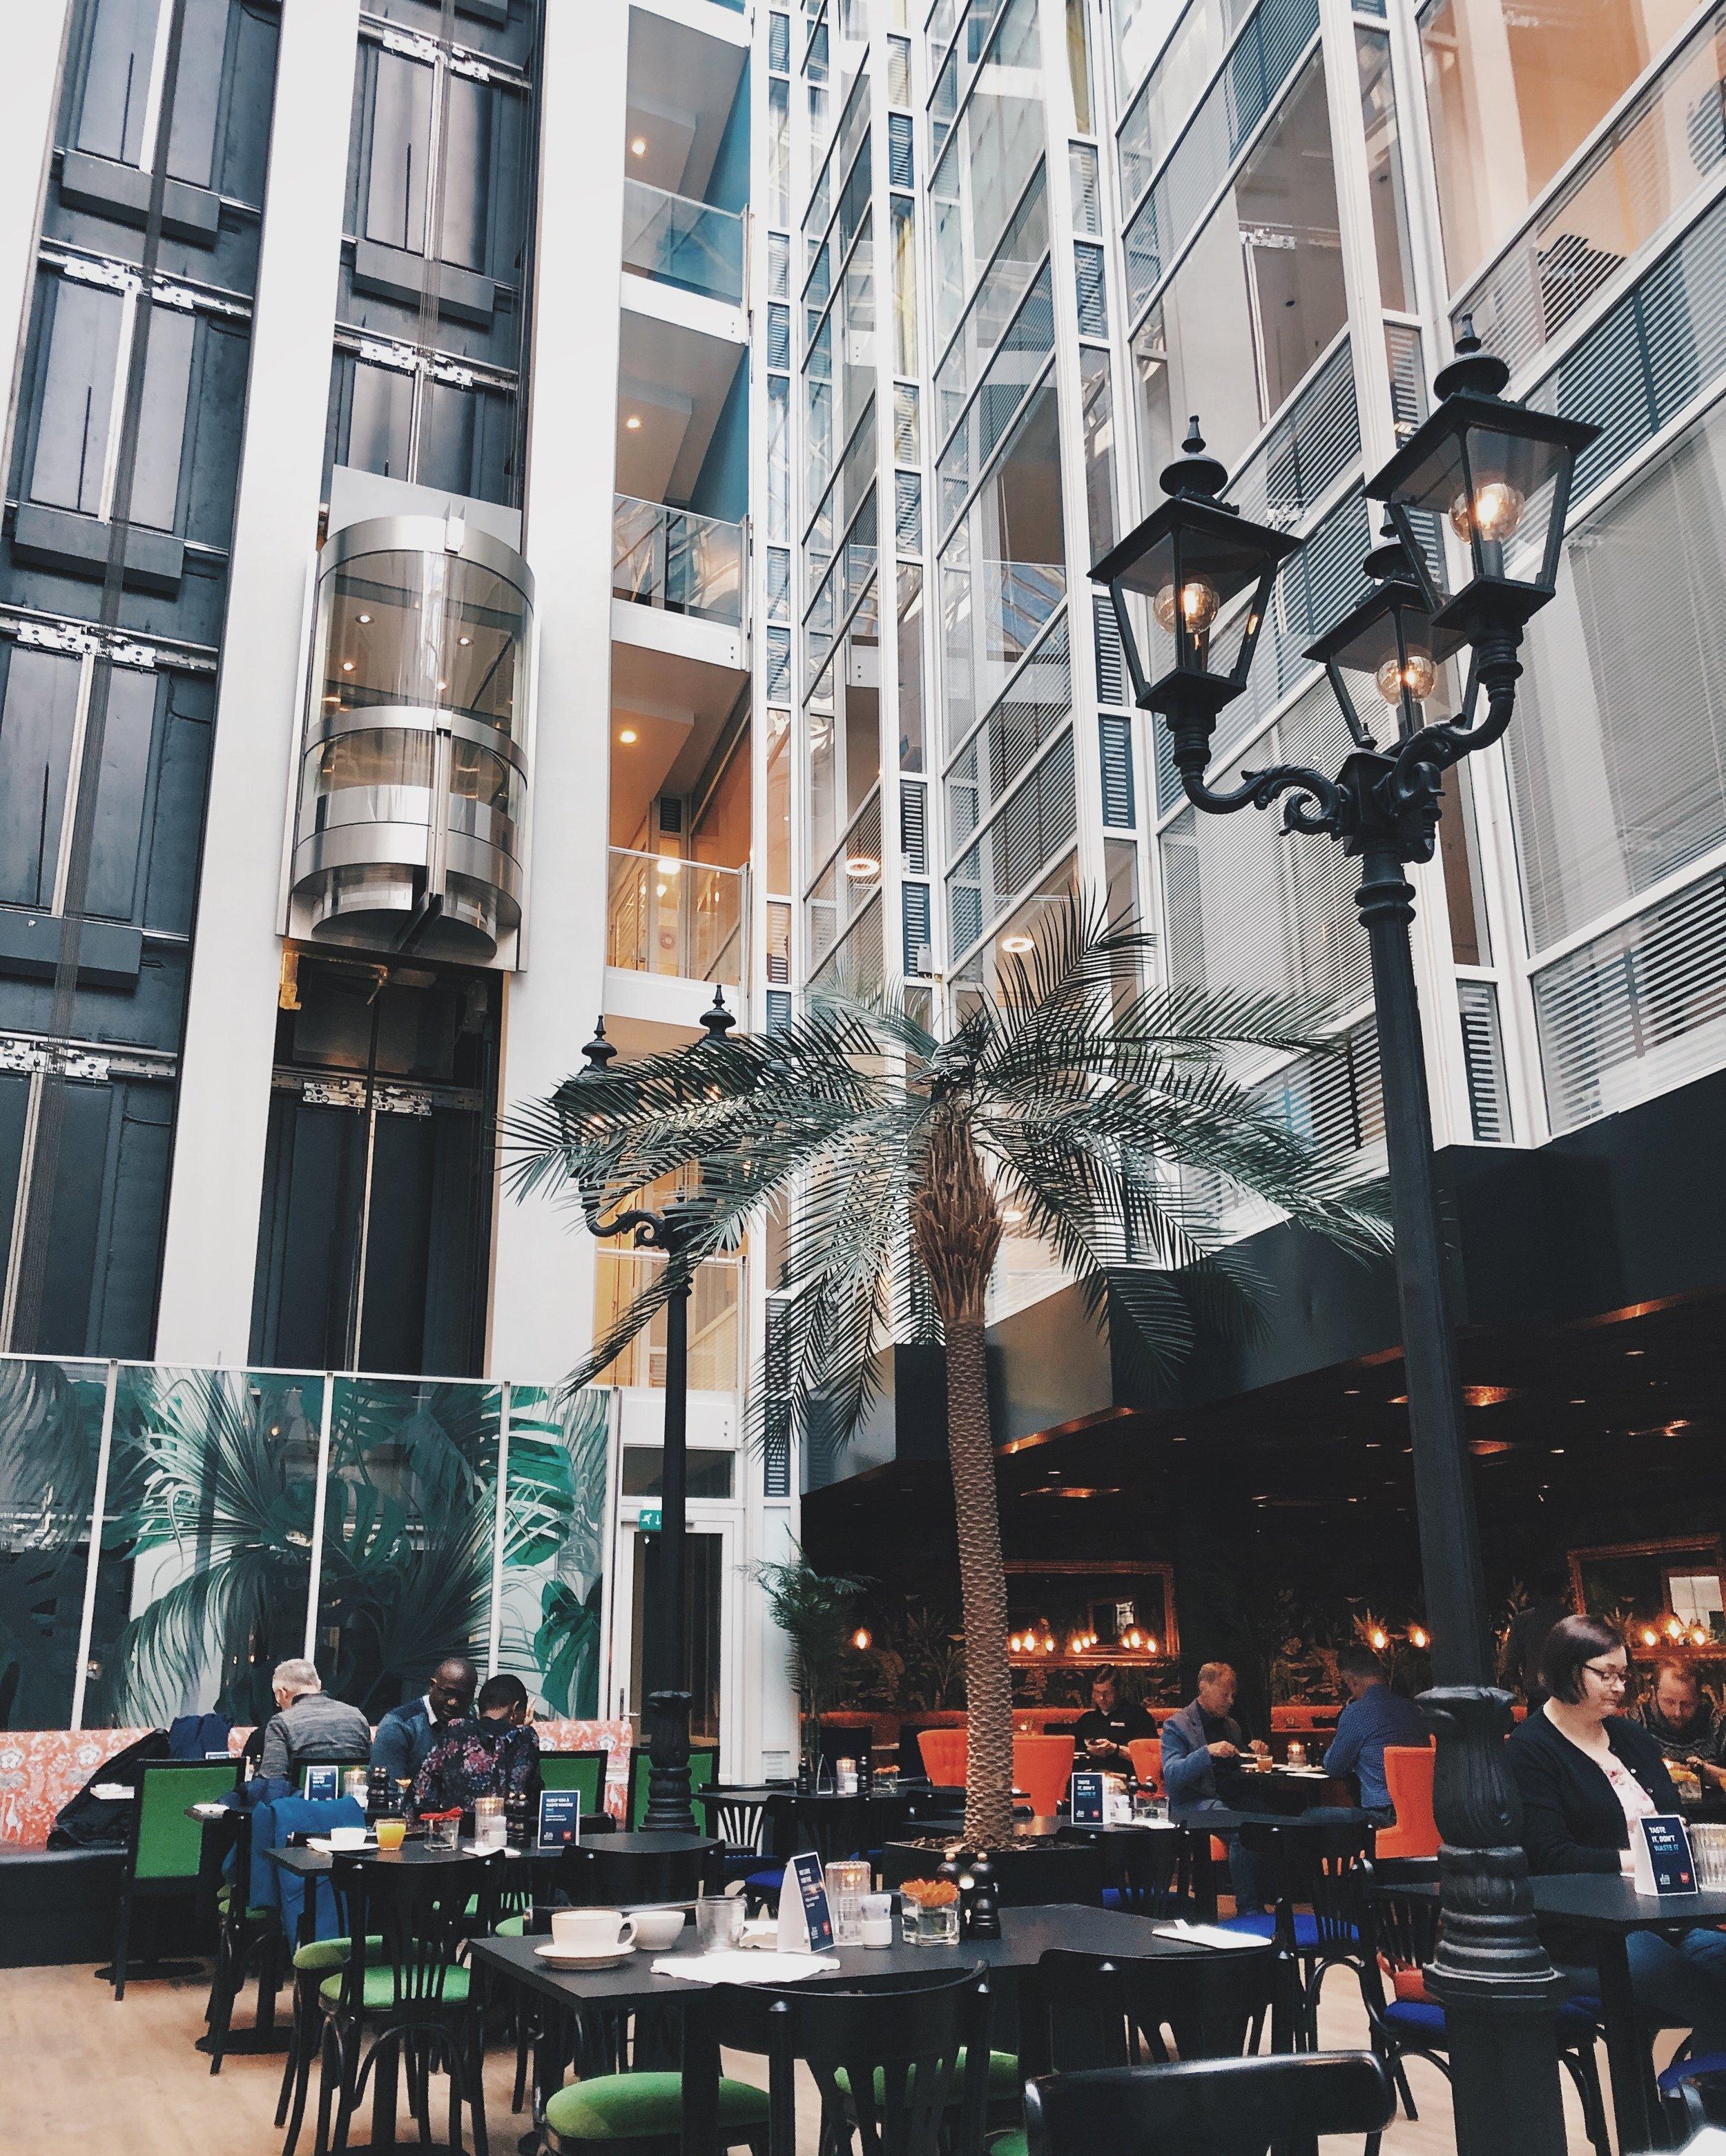 Virkelig hyller denne frokostsalen. Gjør hva som helst for å havne på dette hotellet igjen.  #ThonCecil